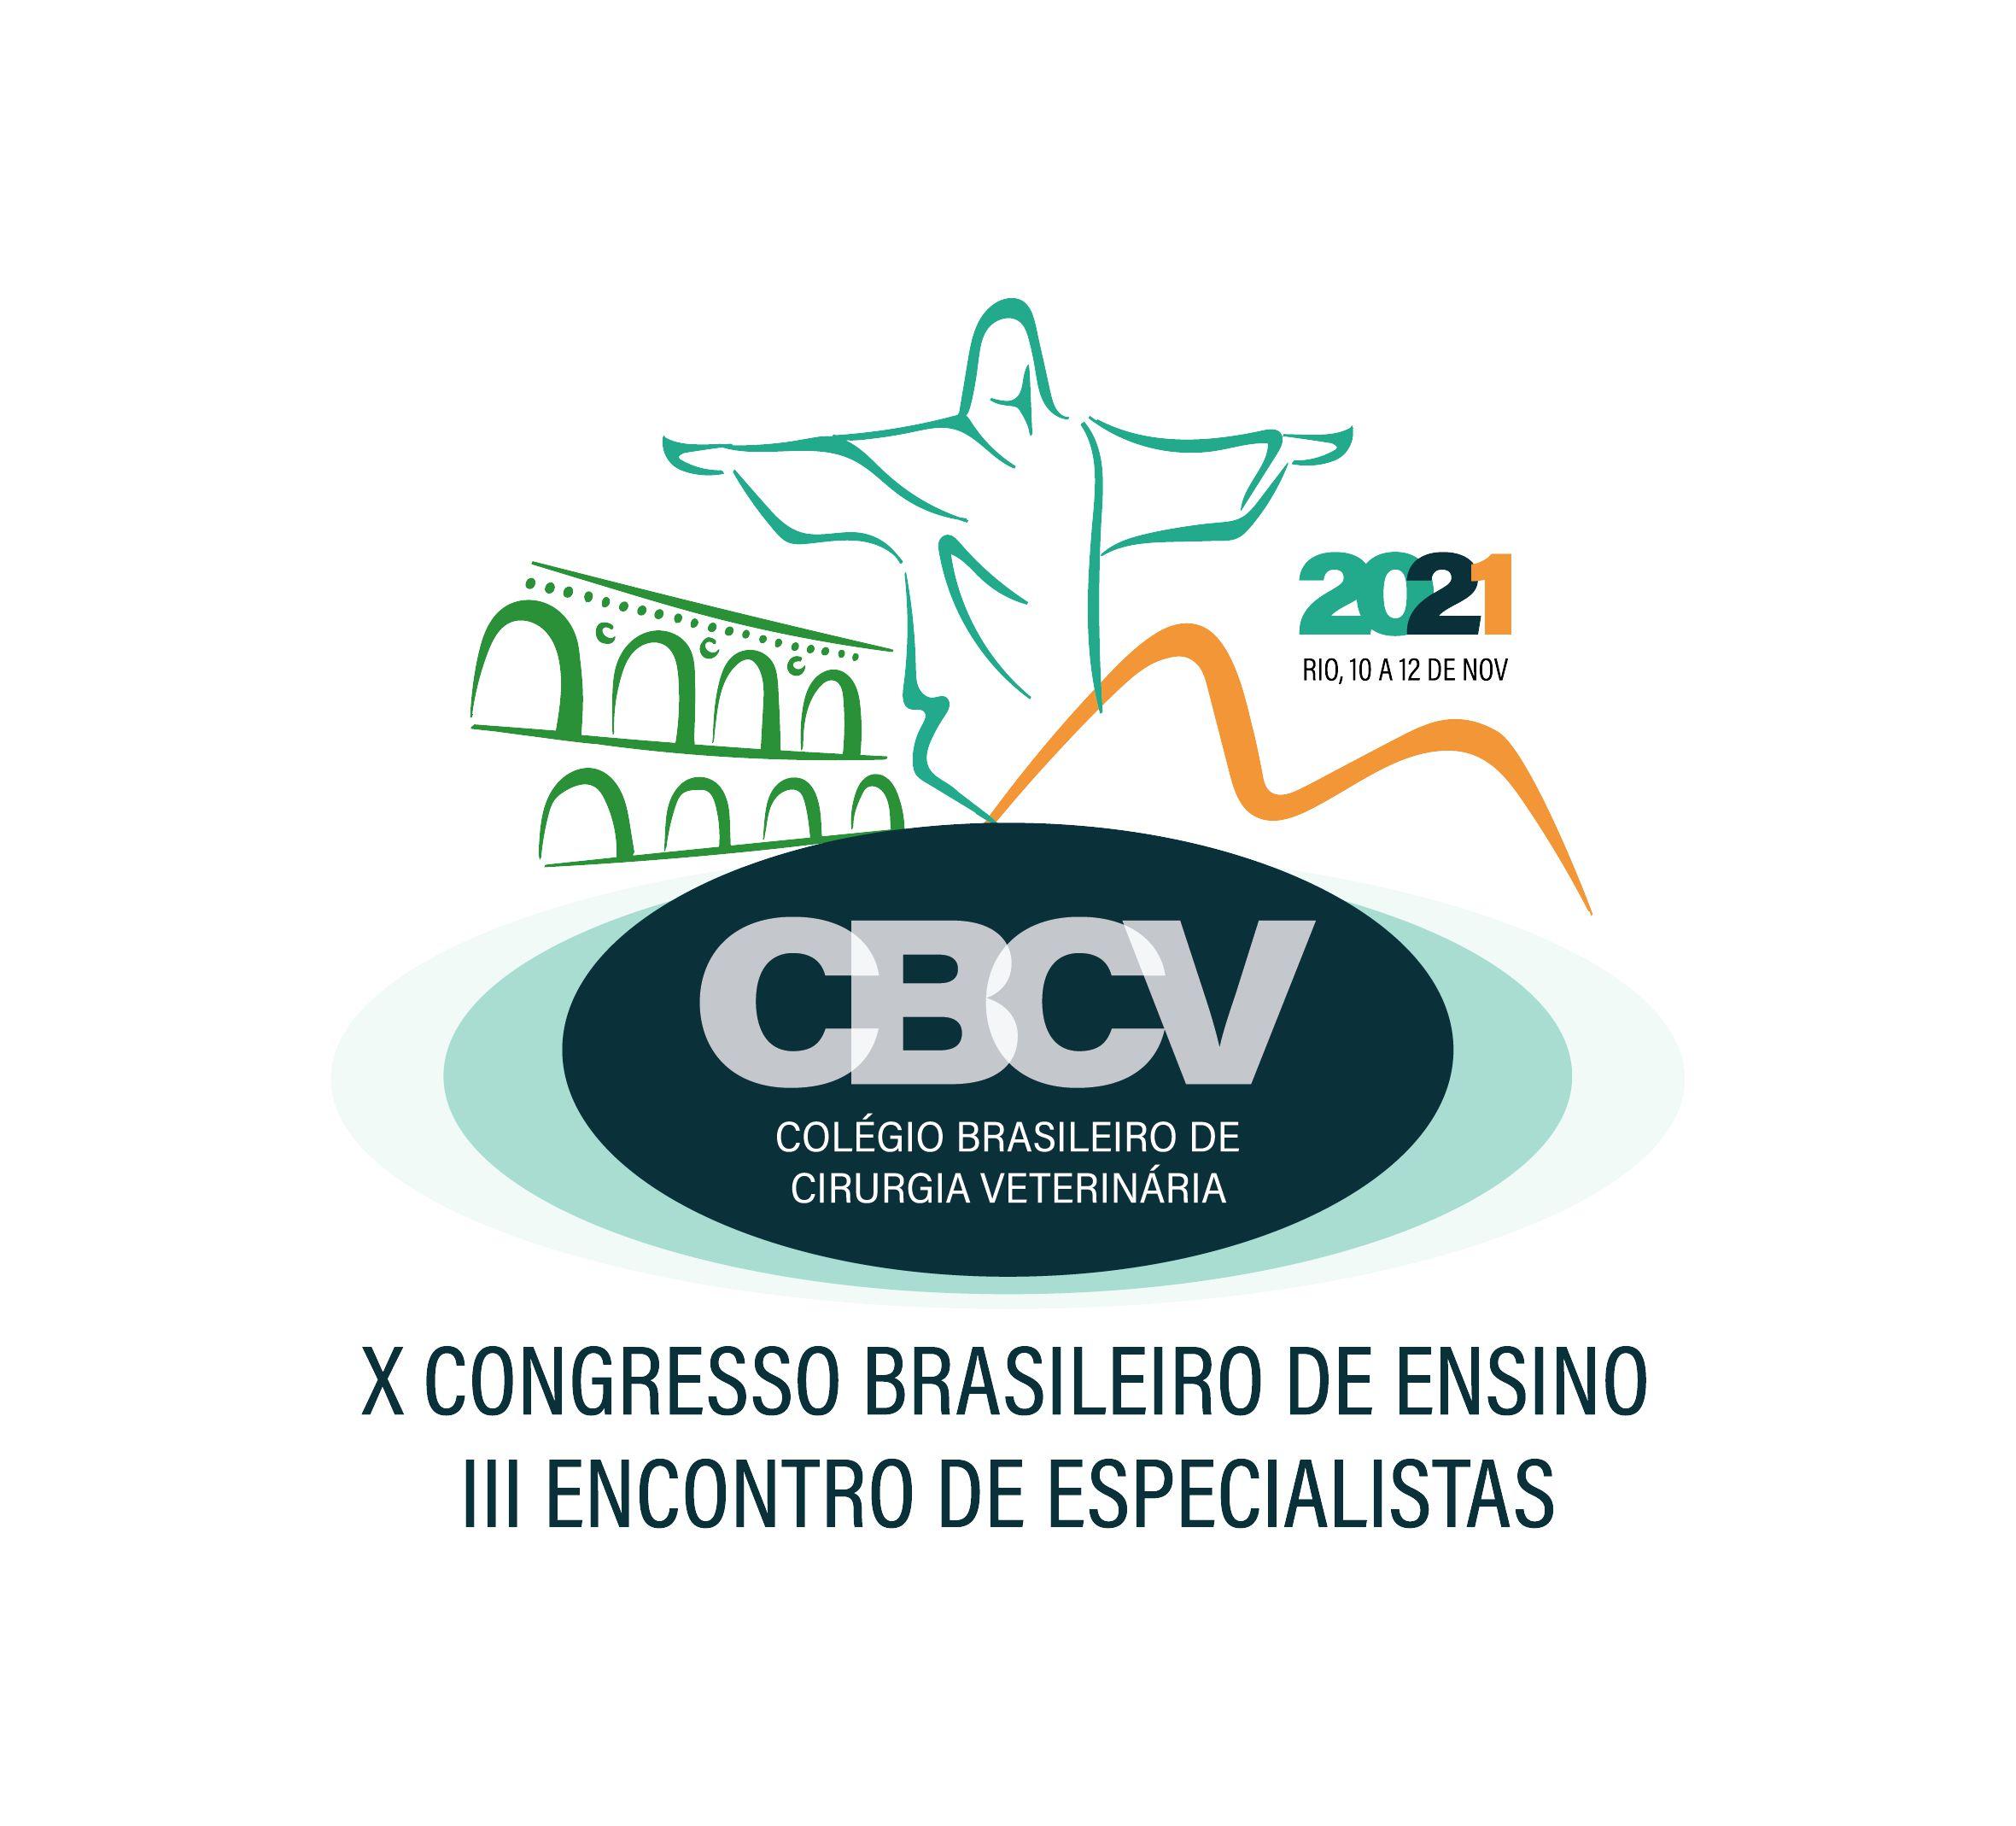 X Congresso Brasileiro de Ensino e III Encontro de Especialistas